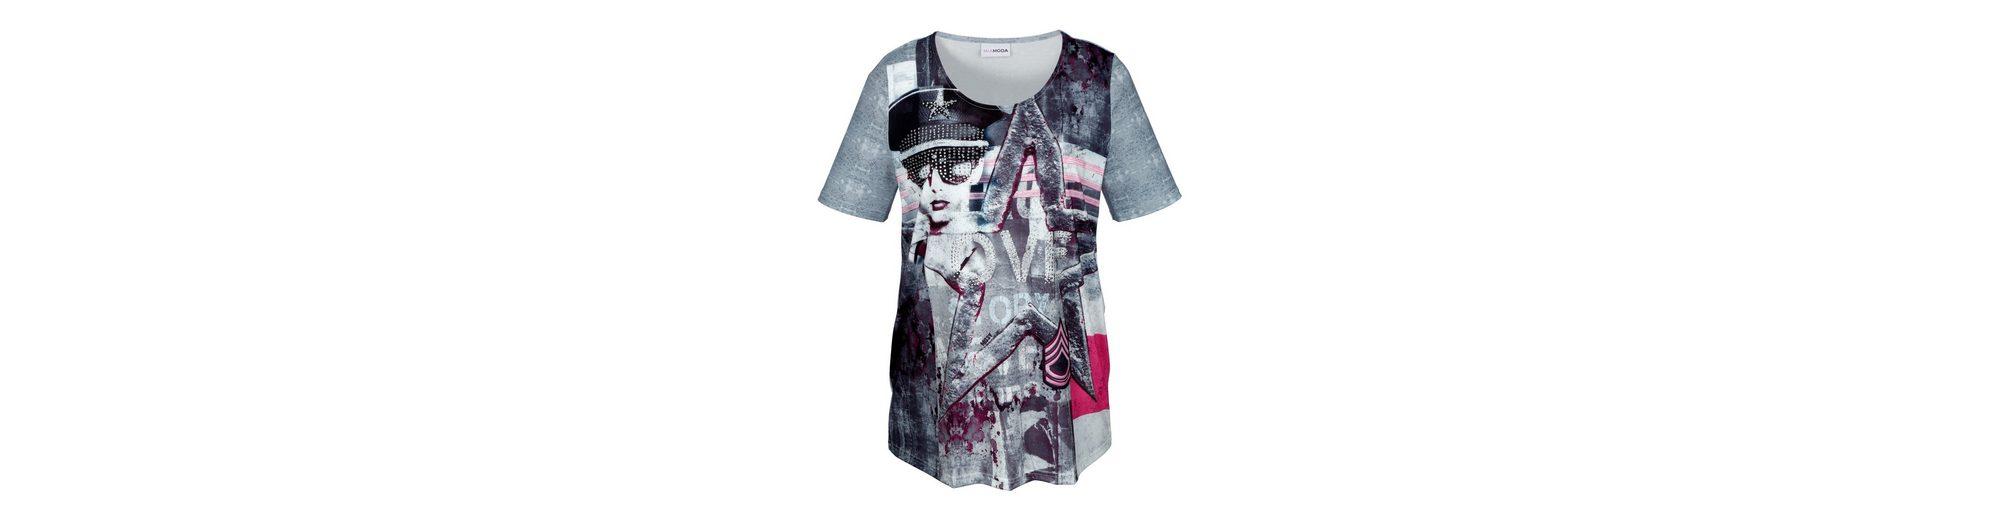 Verkauf Günstigen Preisen Professionelle Günstig Online MIAMODA Shirt mit trendigem Druckmuster Erscheinungsdaten Günstig Online RVeAkN4